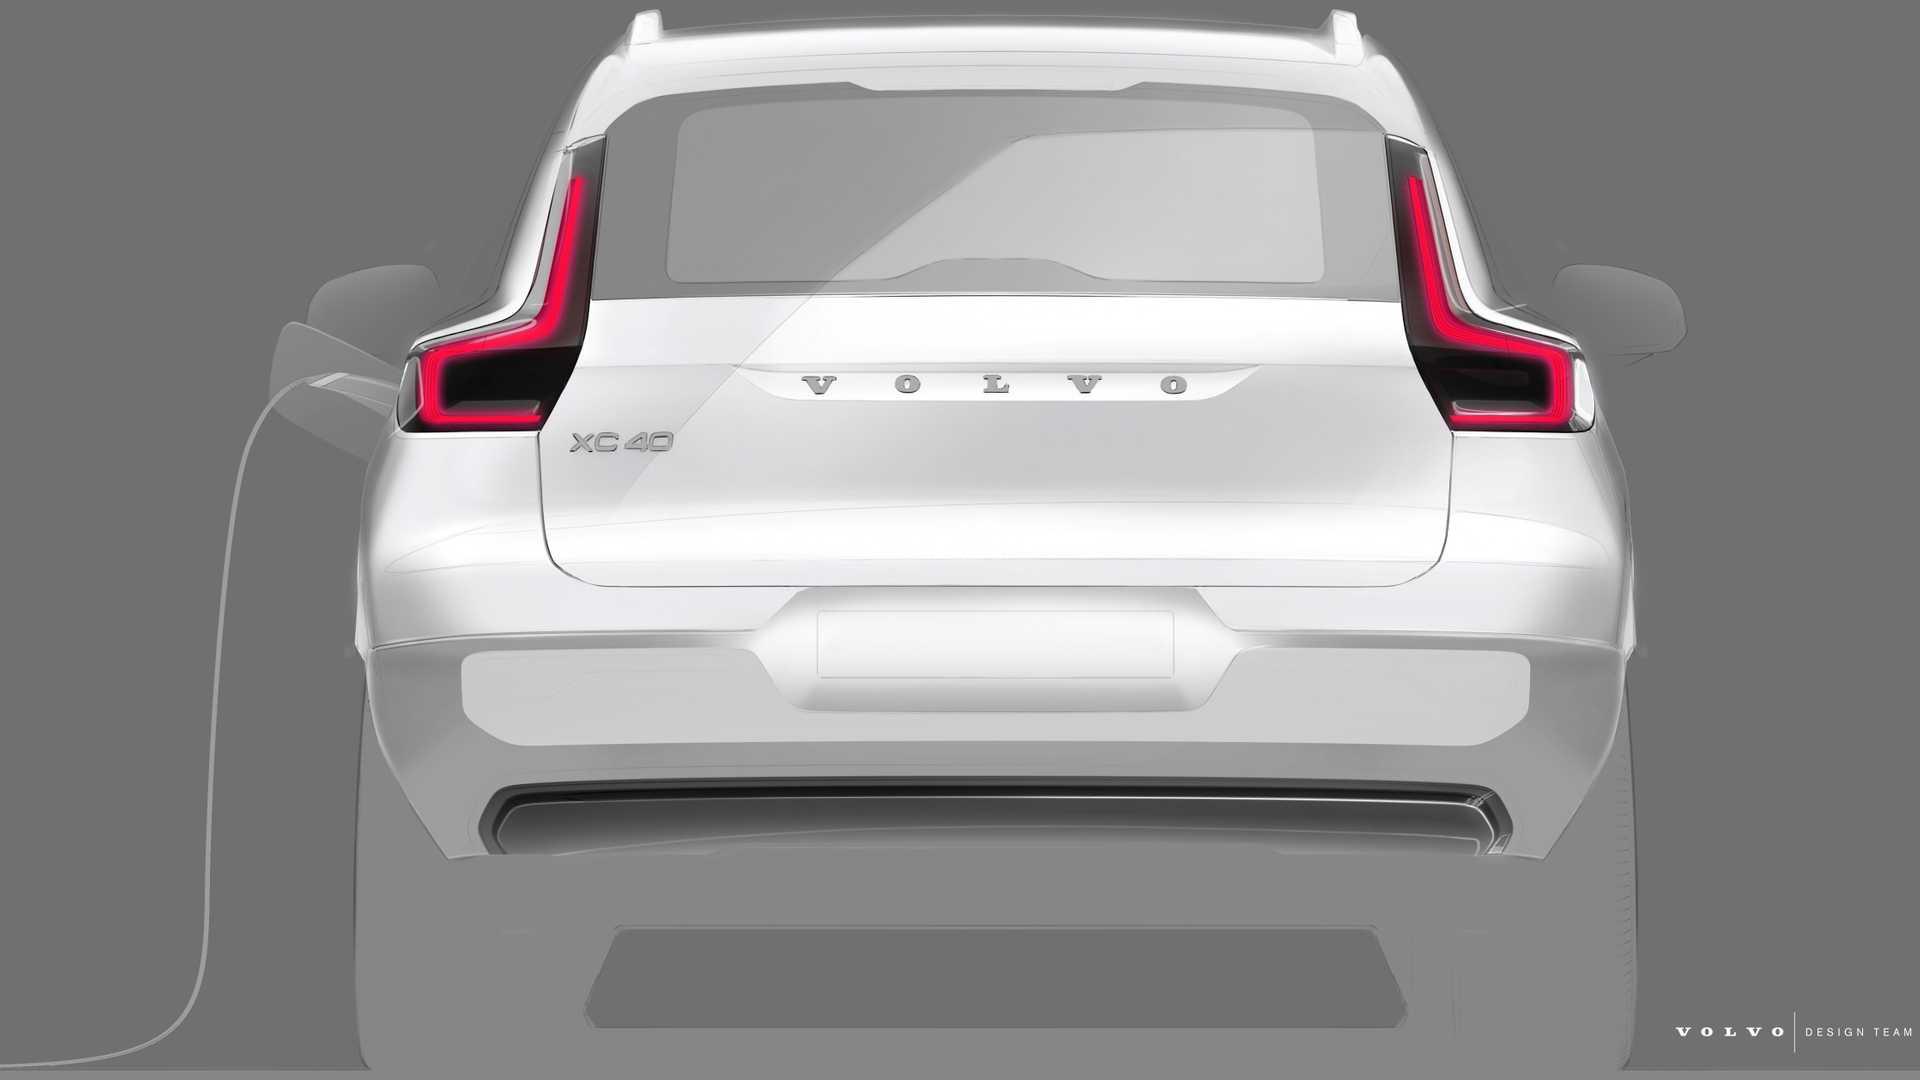 volvo xc40 electric 1 نمایندگان ولوو در آمریکا خواستار عرضه شاسی بلندی بزرگ از سوی این برند هستند اخبار IT